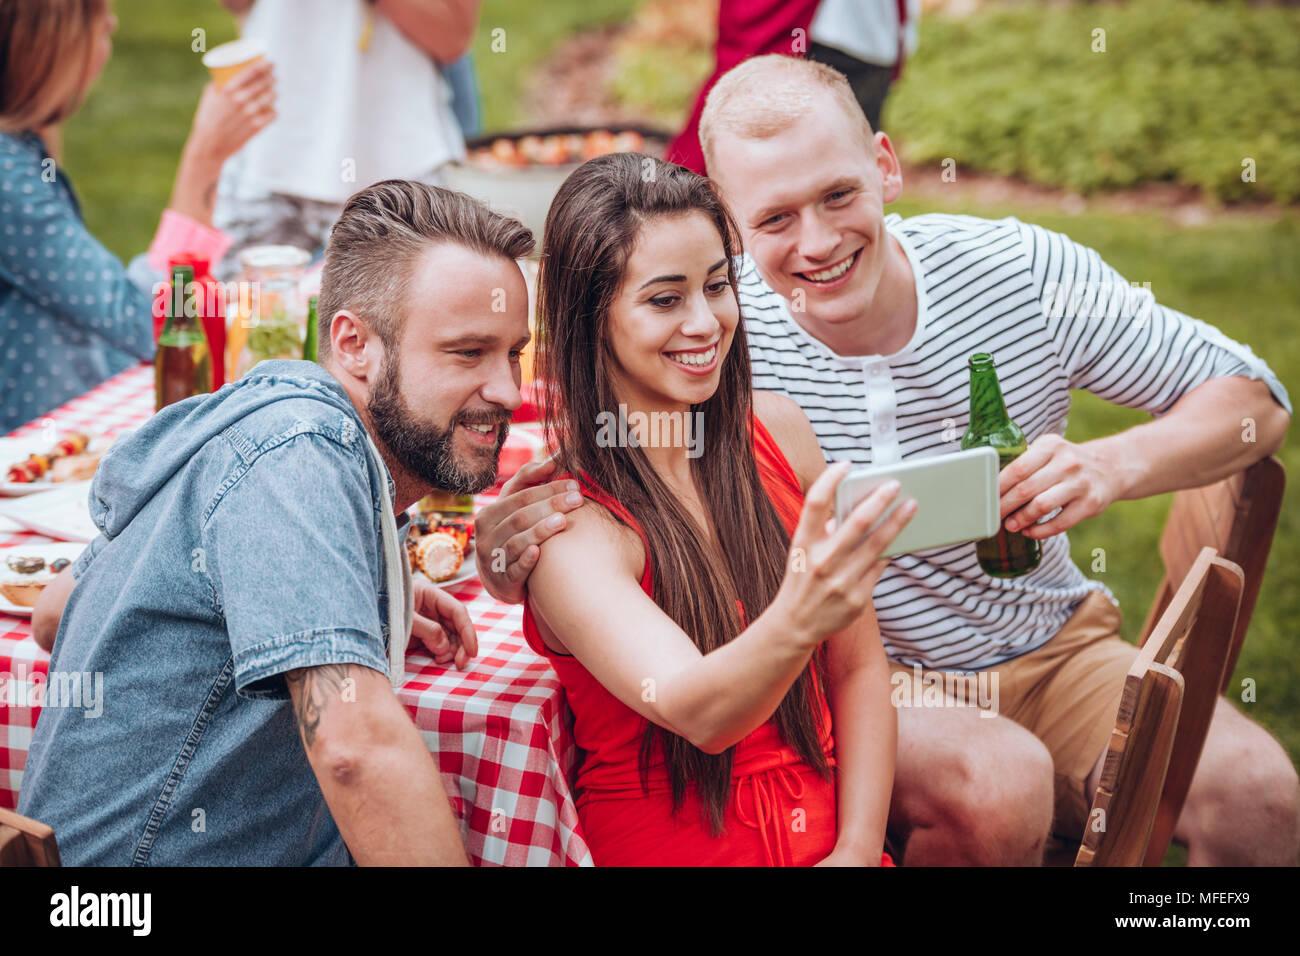 Gruppe junger Freunde sitzen um einen Tisch und nehmen eine selfie im Frühling Wochenende Outdoor Picknick im Garten Stockfoto